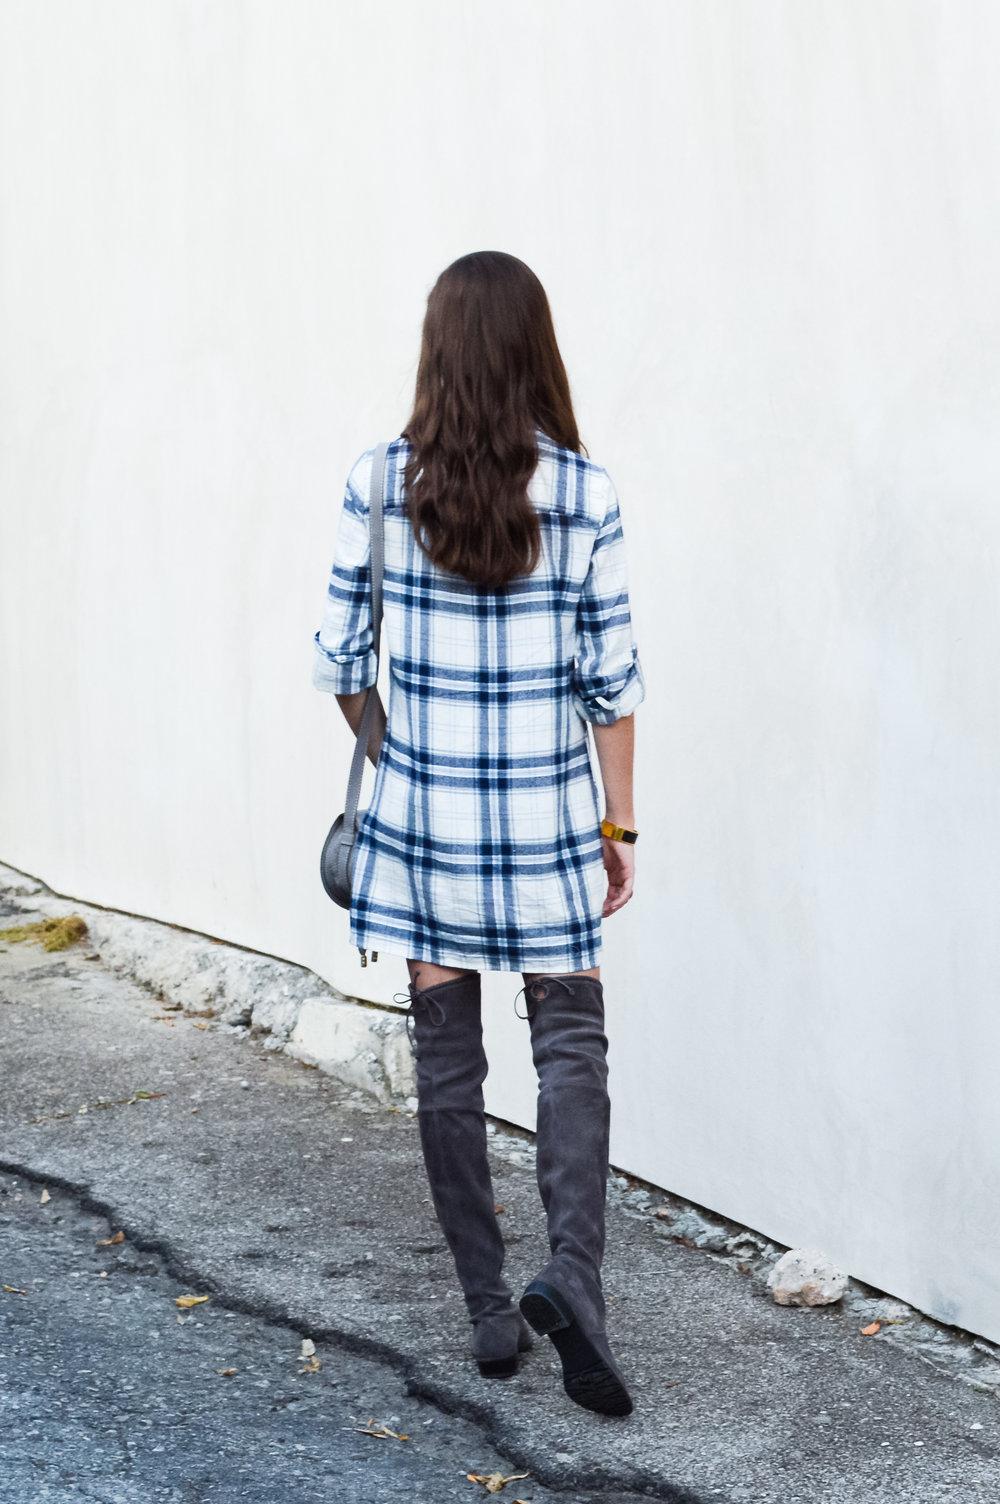 fashion blogger lcb style velvet heart harvest jewels stuart weitzman lowland (23 of 33).jpg